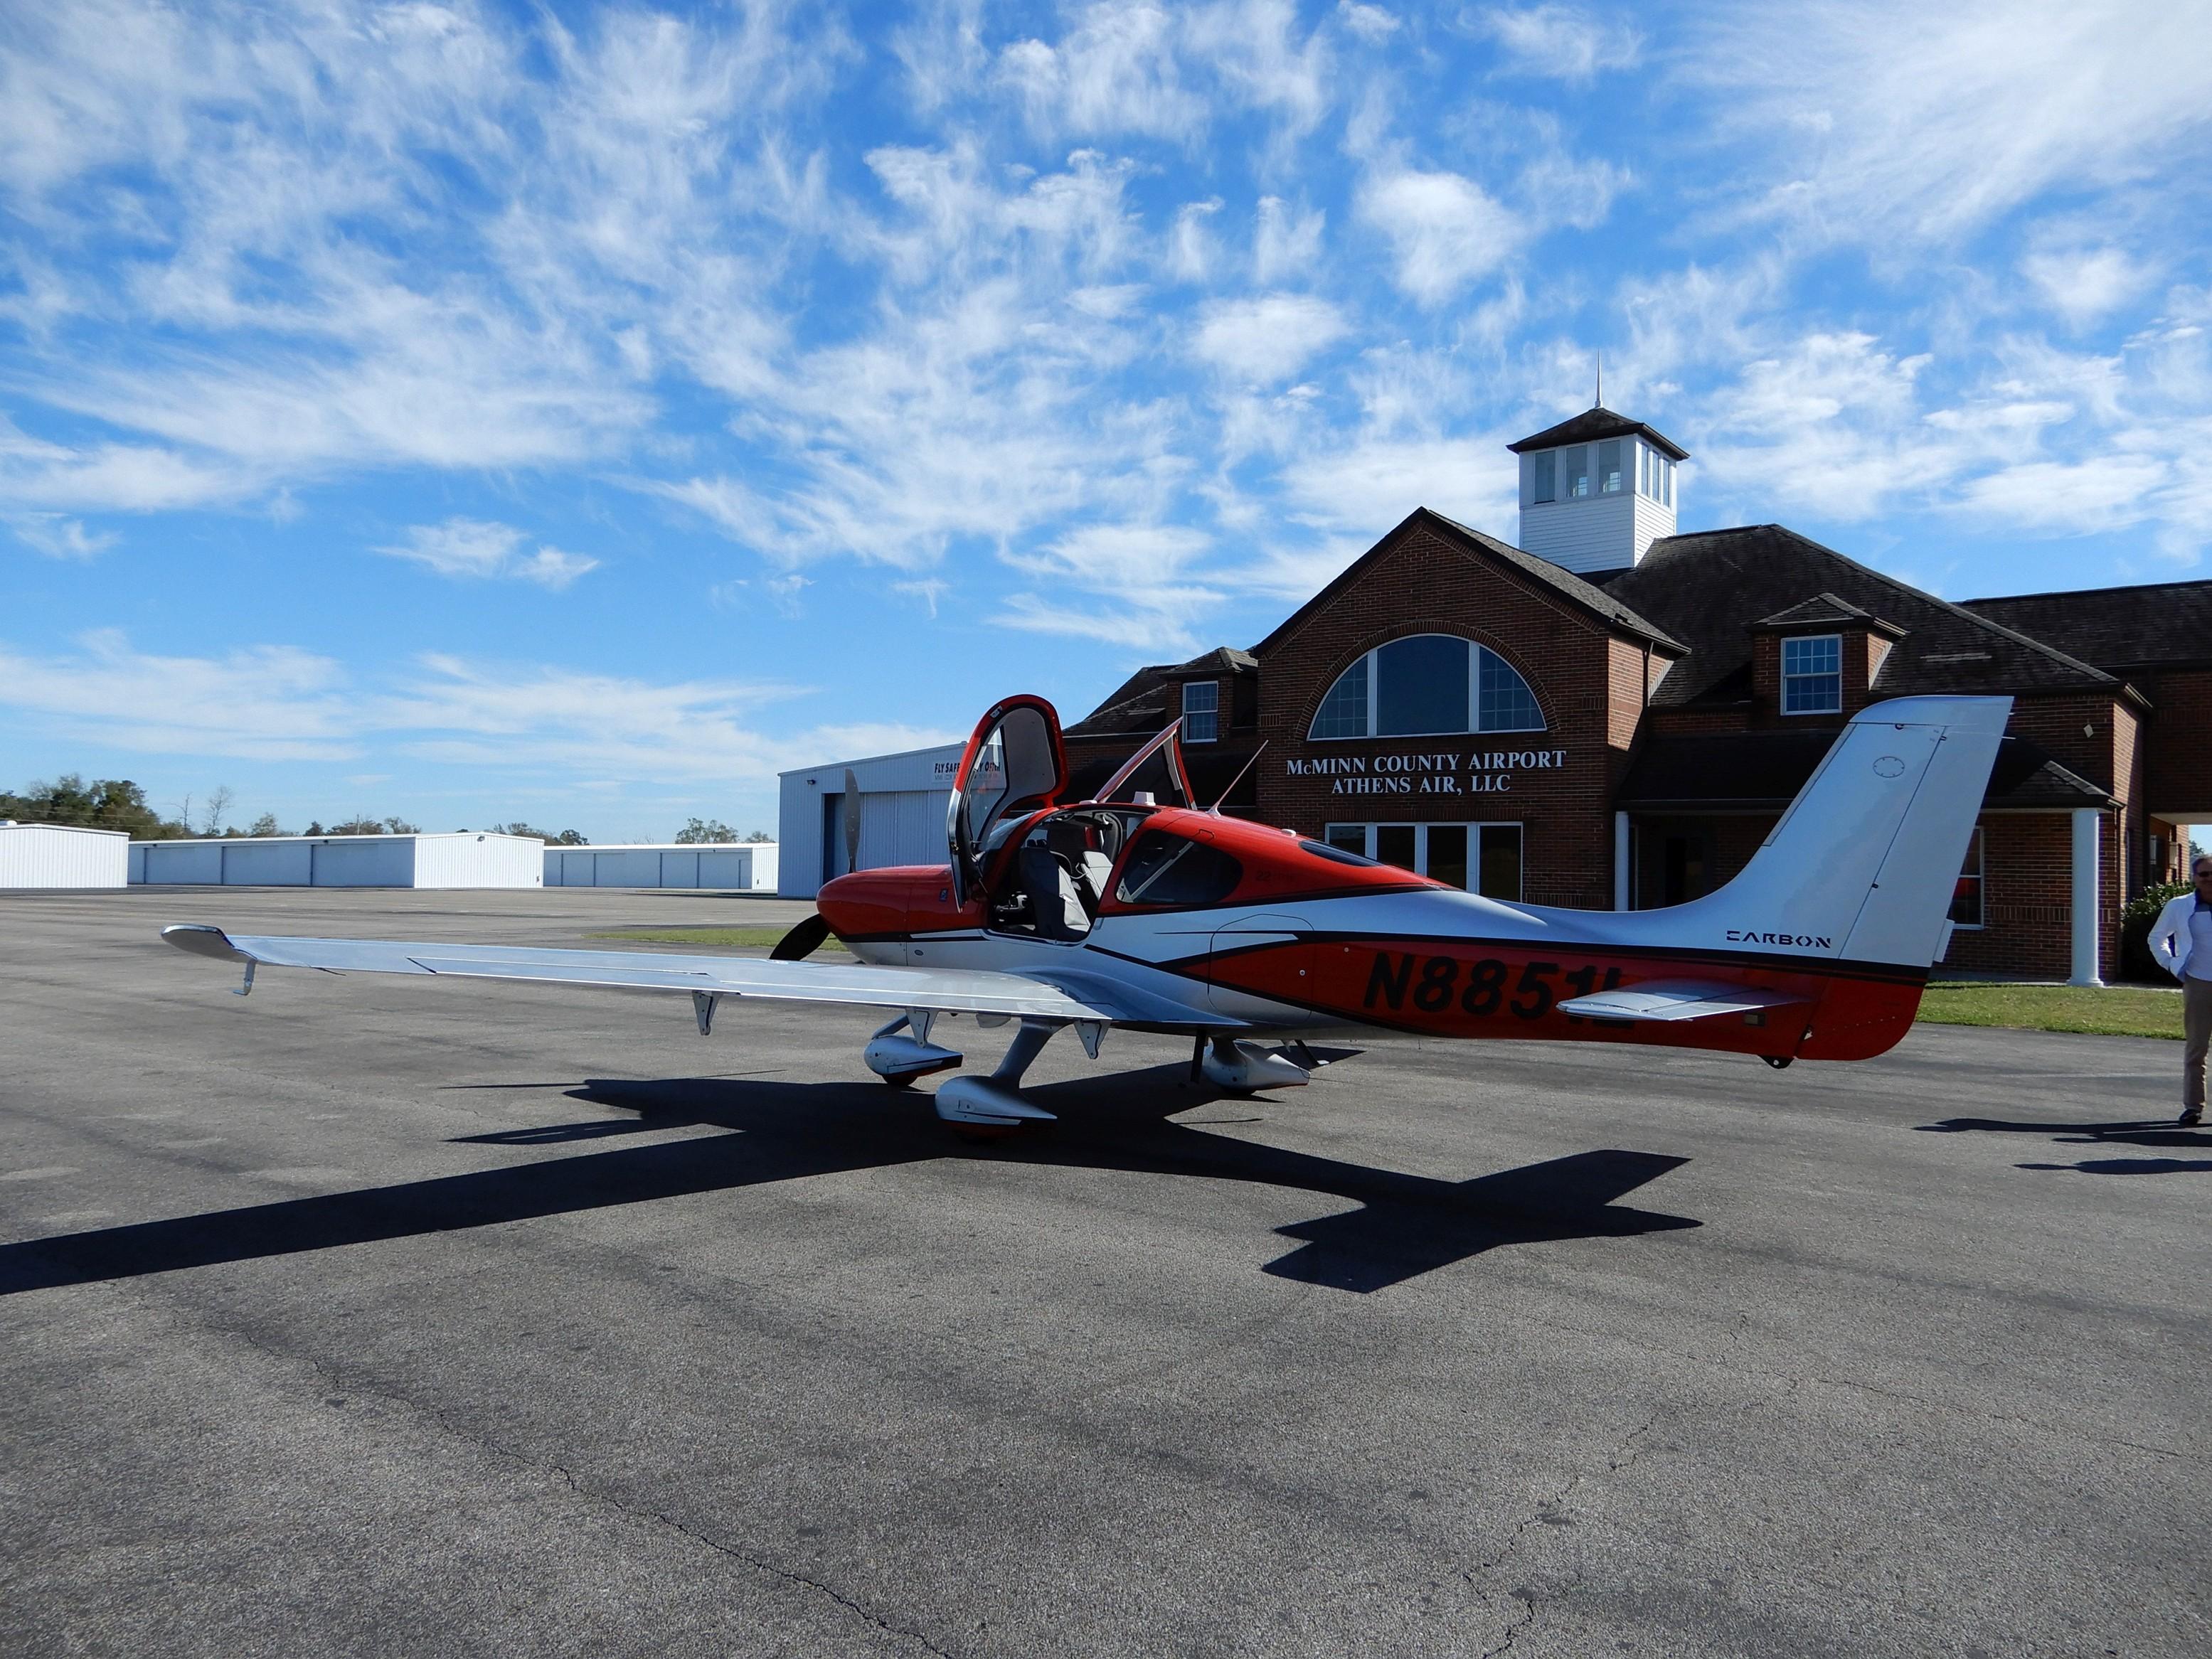 Rozlétání na typu SR-22, Generace 6, předtím než mi společnost Cirrus Aircraft letadlo zapůjčila.